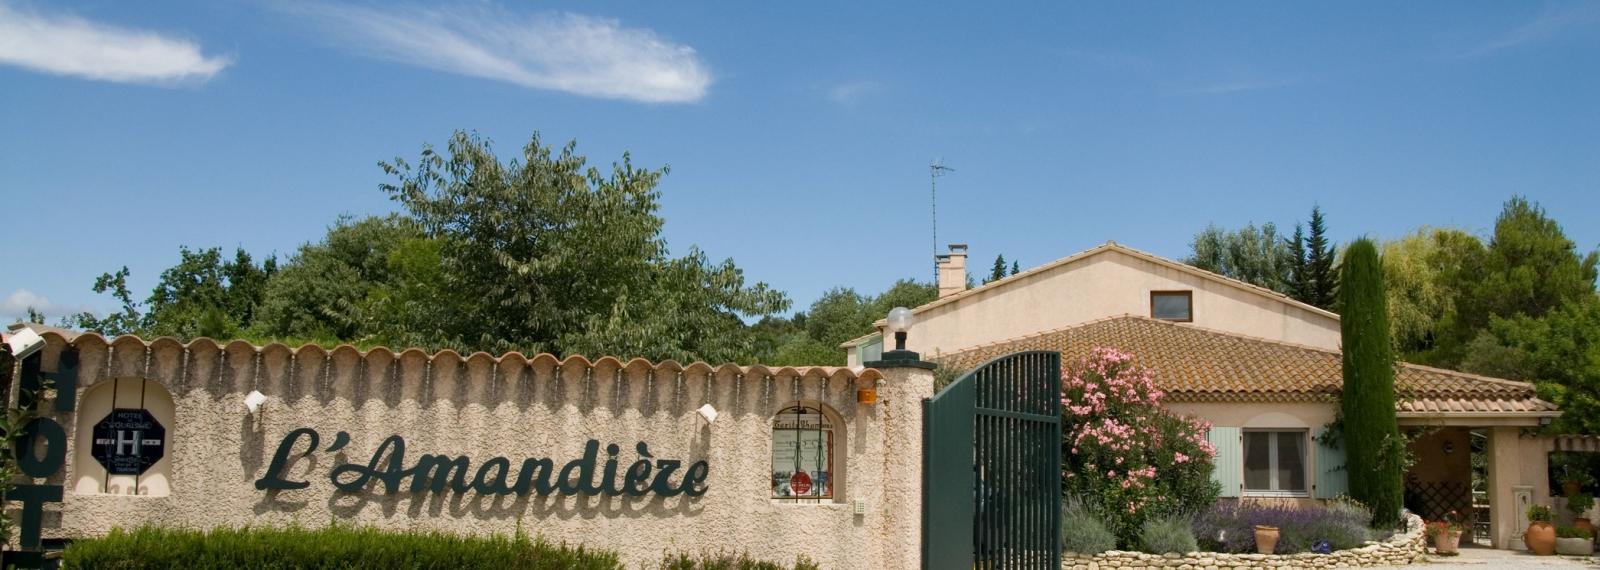 Hôtel L'Amandière à Saint-Rémy-de-Provence